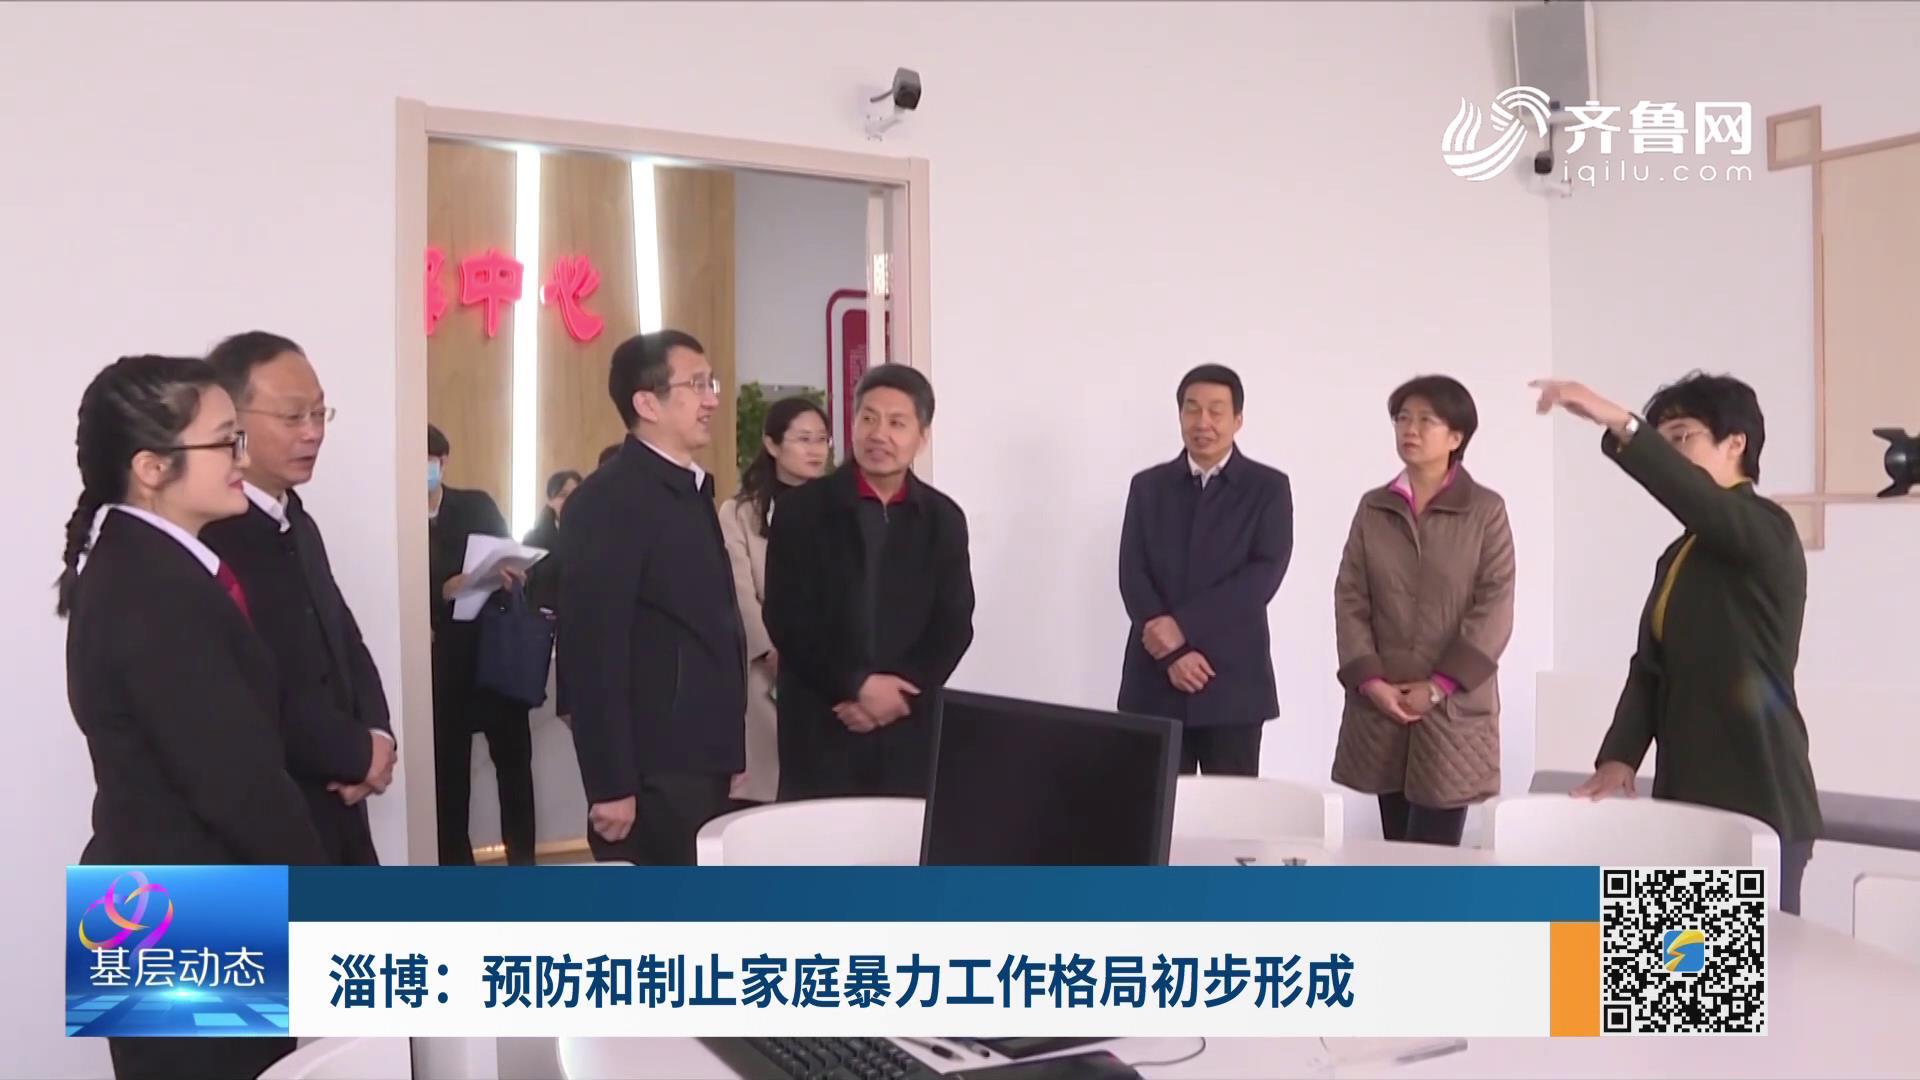 淄博:预防和制止家庭暴力工作格局初步形成